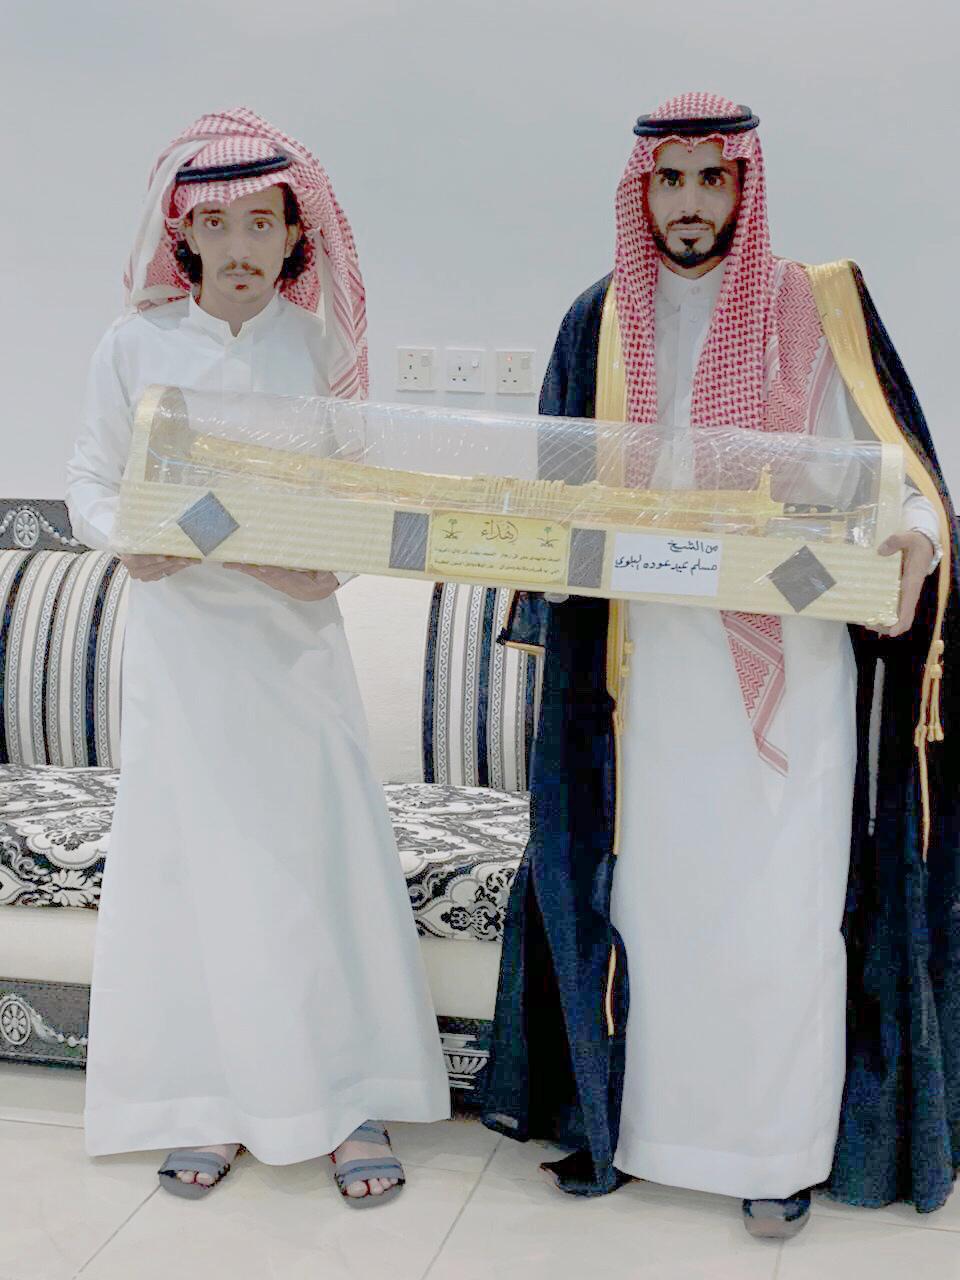 الشاب / عبدالرحمن زايد البلوي يحتفل بزواجه d16654dd 7a29 4c34 9f82 678ece786674